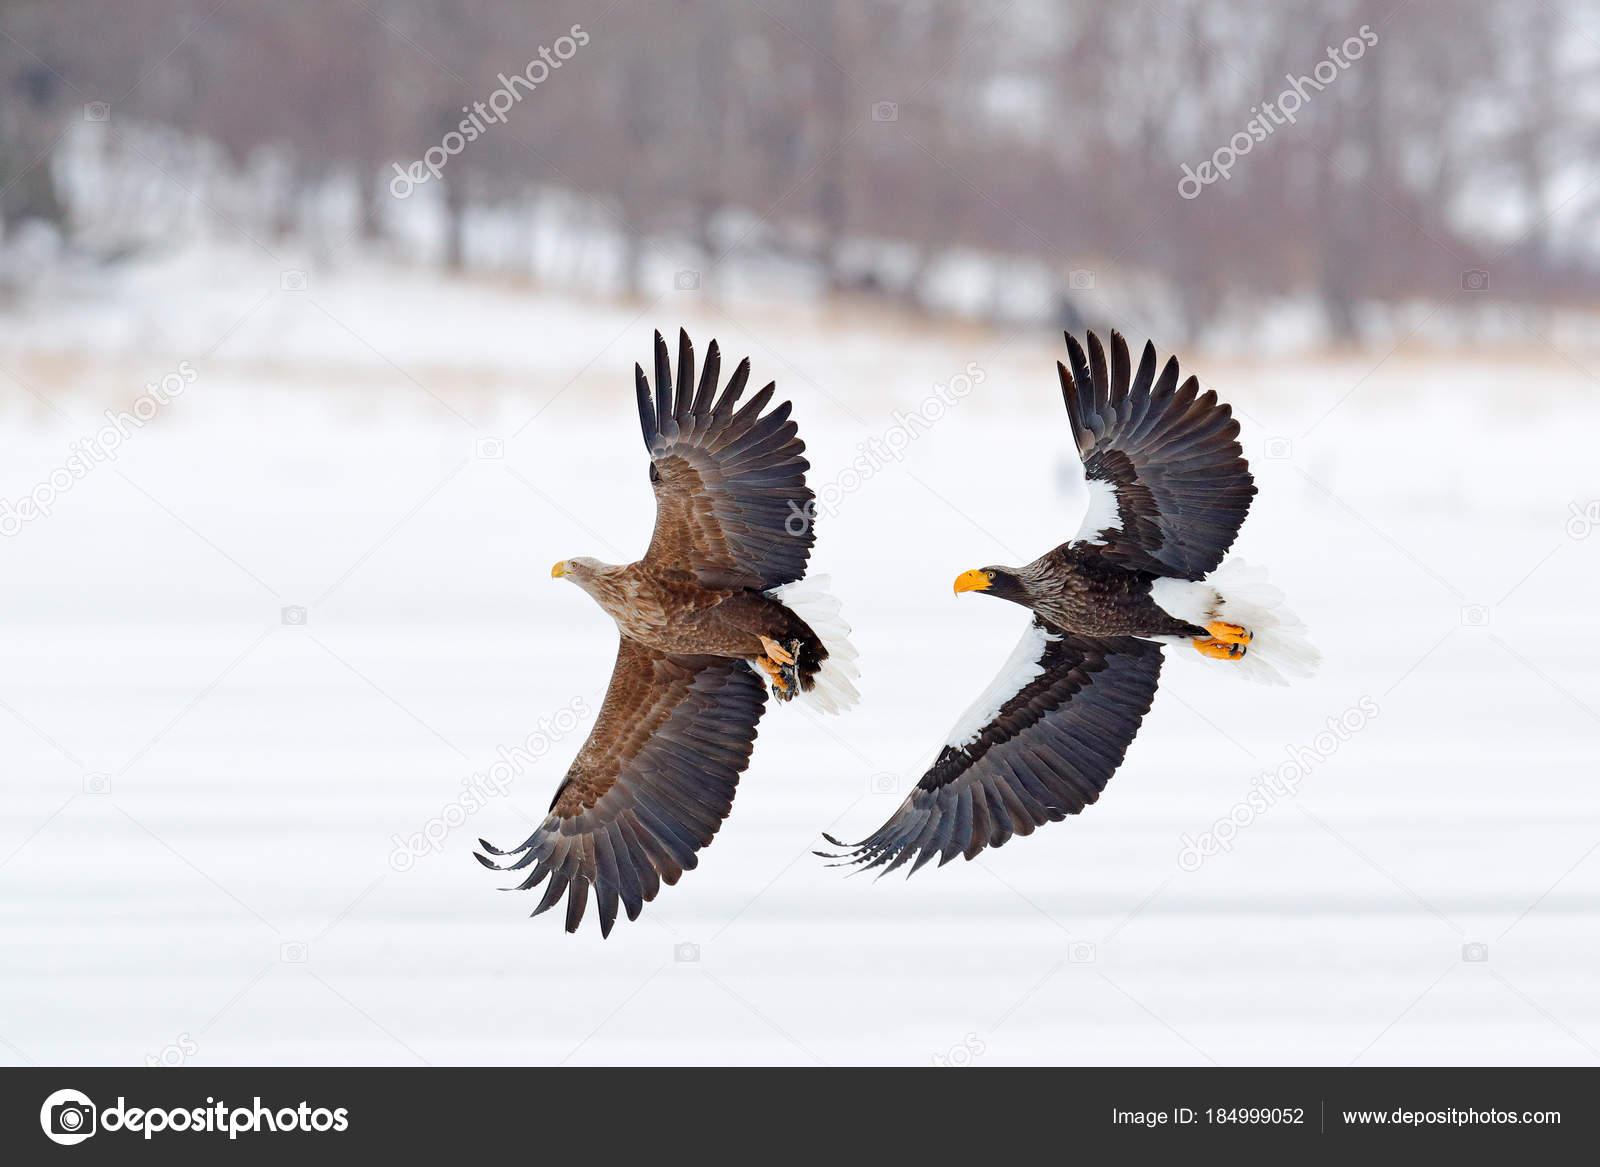 Walka Orła Orzeł Walki Rybą Zimowa Scena Ptaki Drapieżne Wielkie